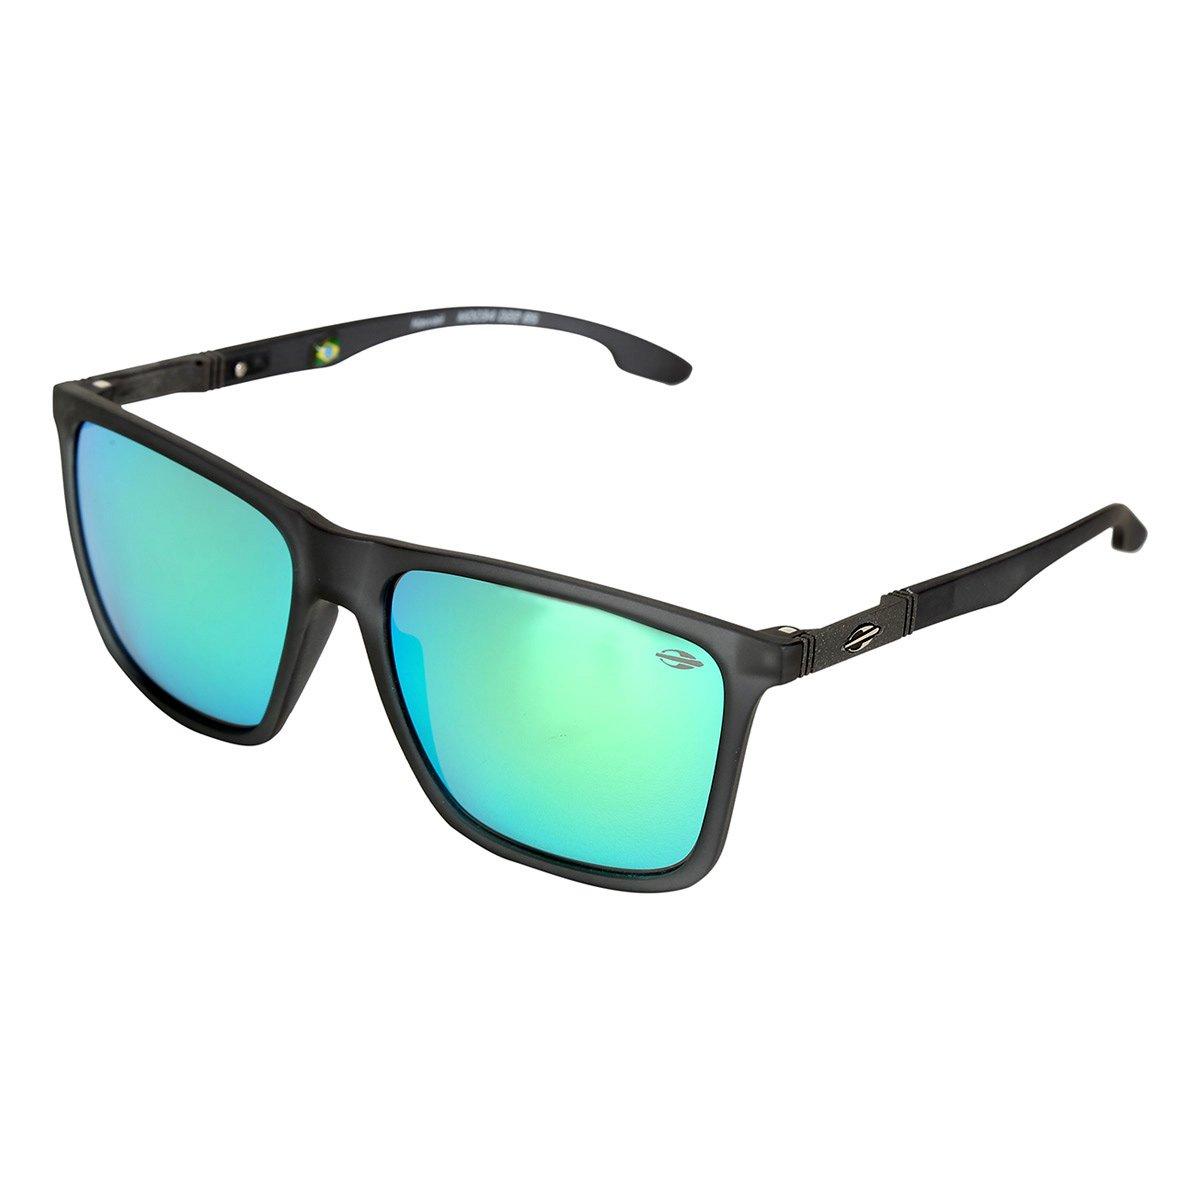 10bb2c6234628 Óculos de Sol Mormaii Hawaii Masculino - Preto - Compre Agora